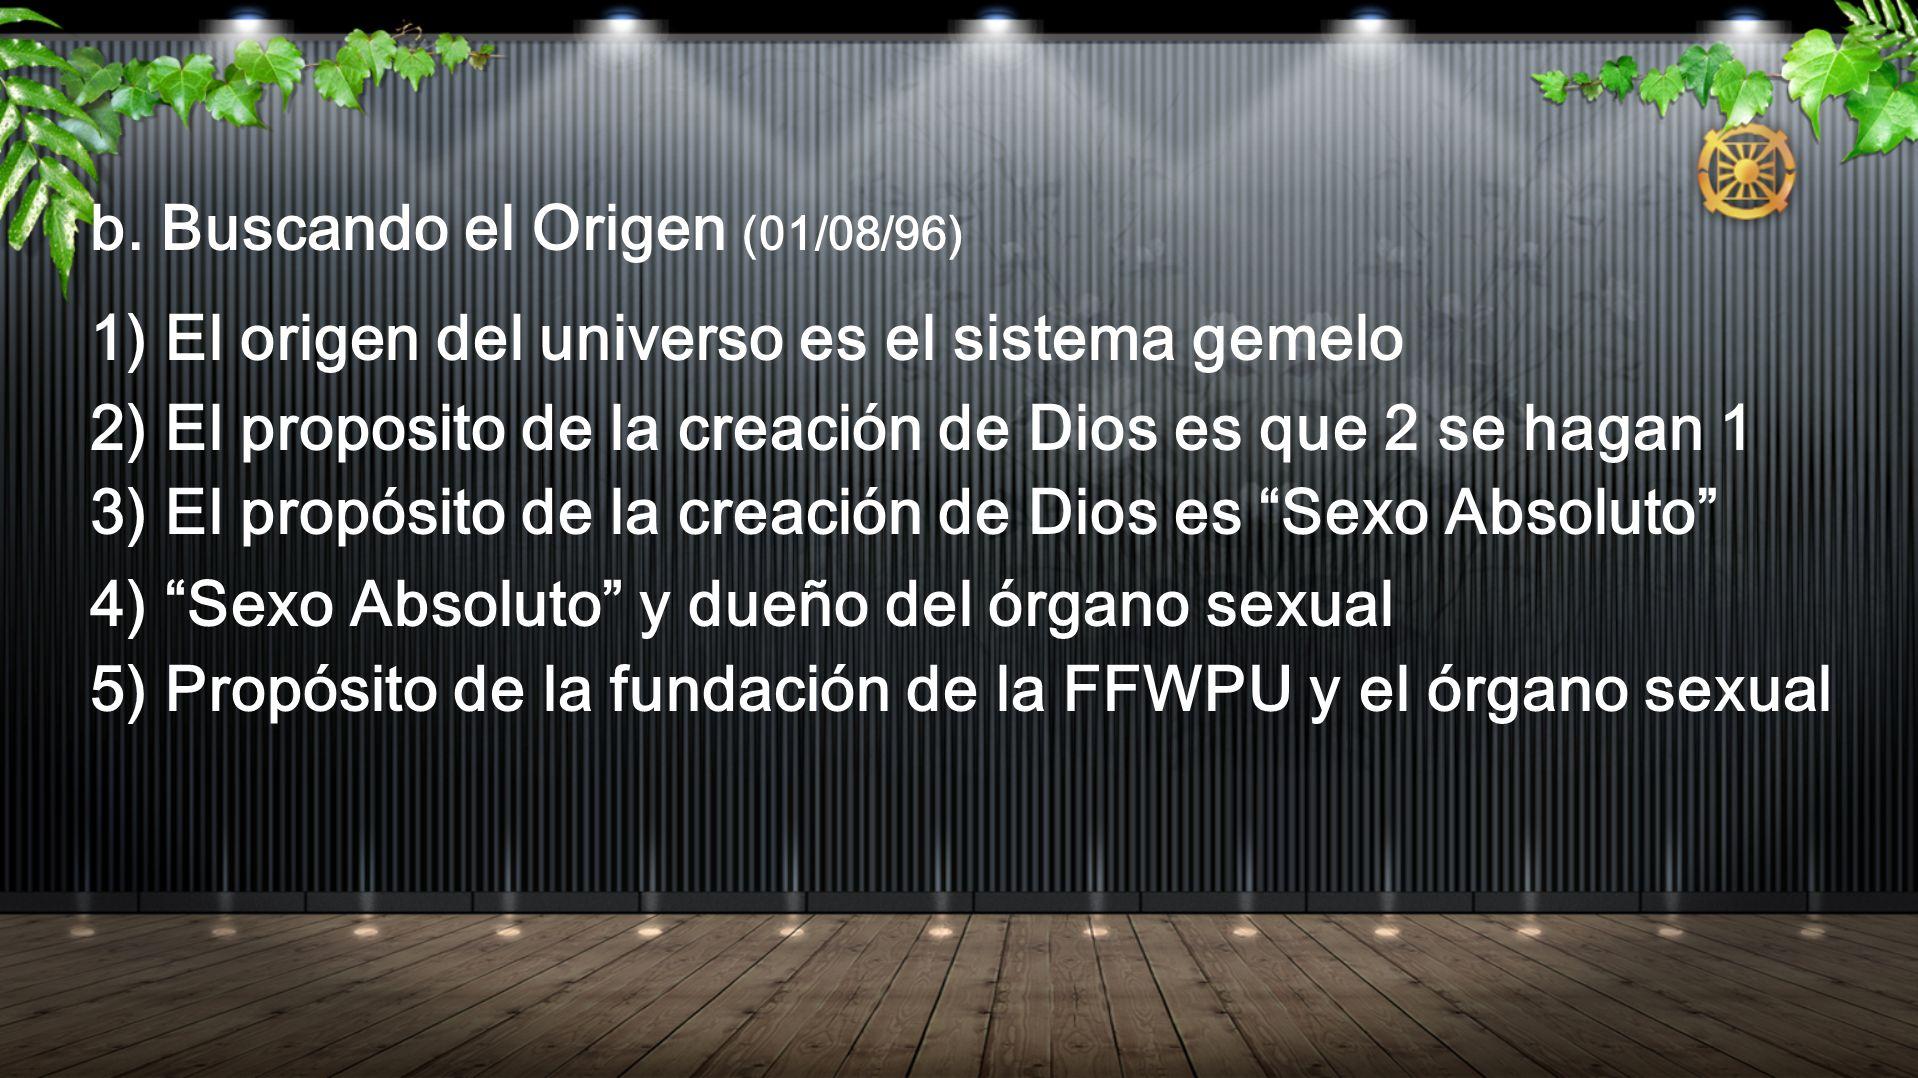 b. Buscando el Origen (01/08/96) 1) El origen del universo es el sistema gemelo 2) El proposito de la creación de Dios es que 2 se hagan 1 3) El propó